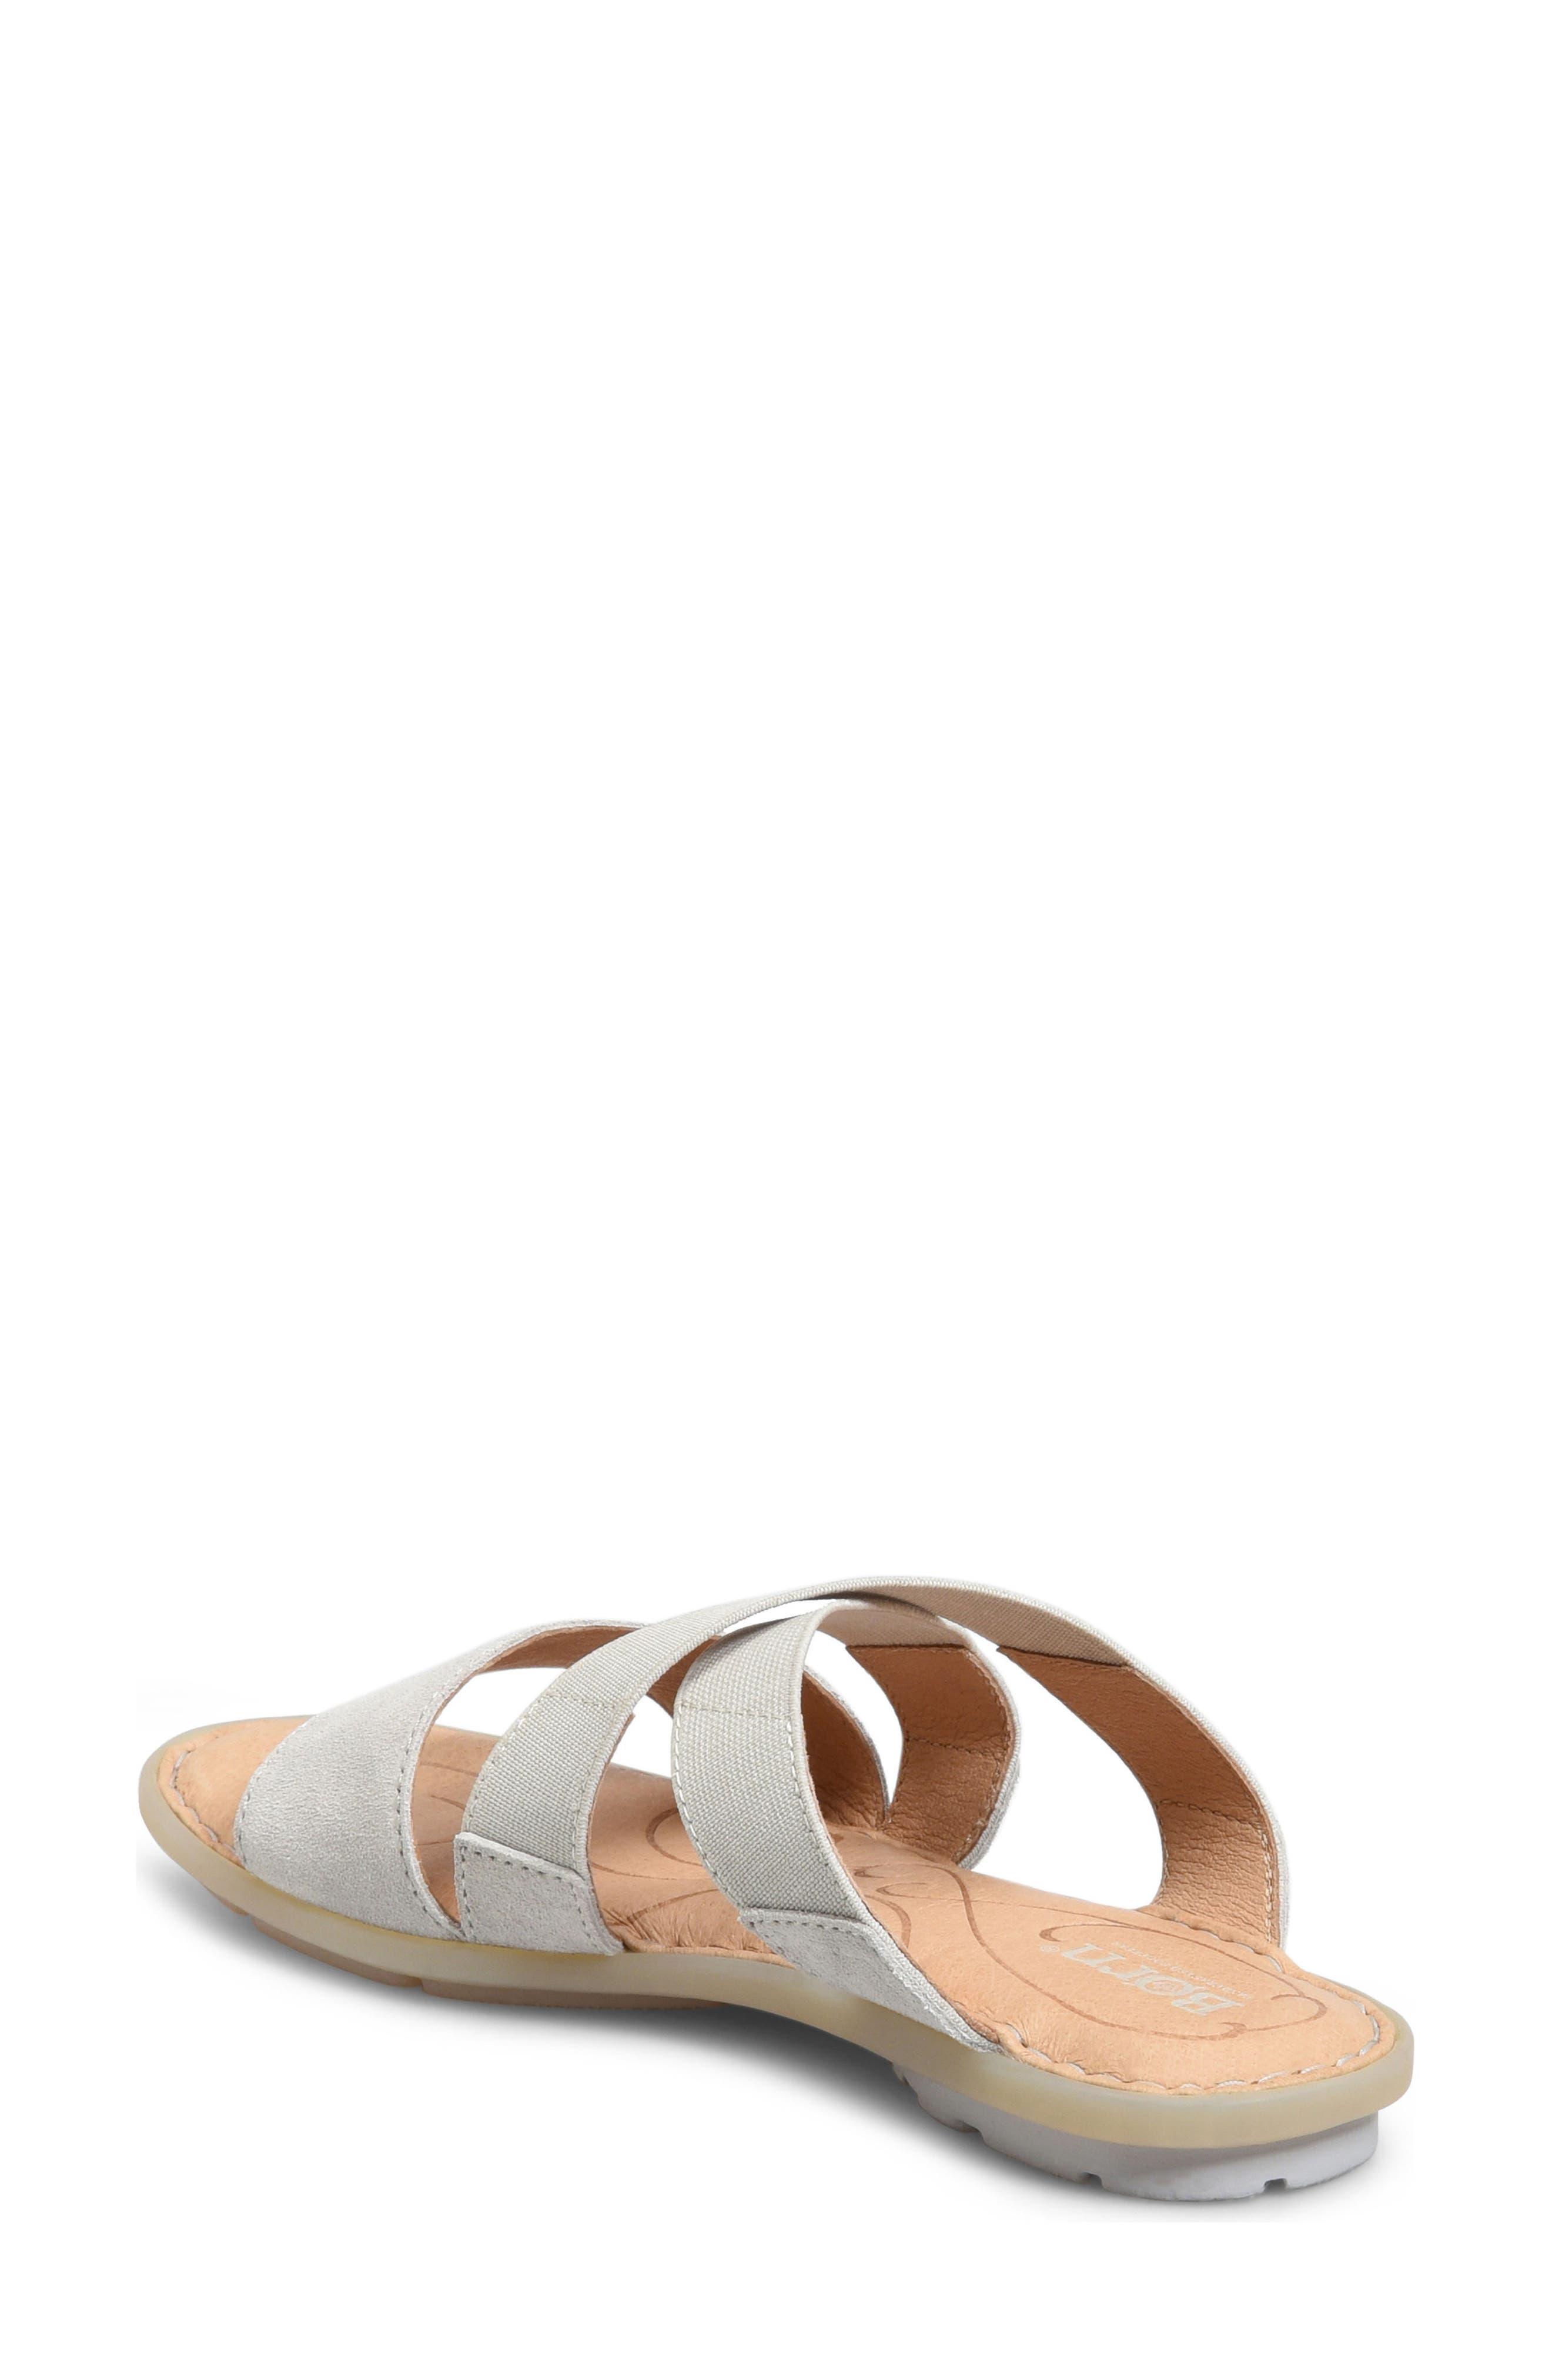 Tidore Slide Sandal,                             Alternate thumbnail 6, color,